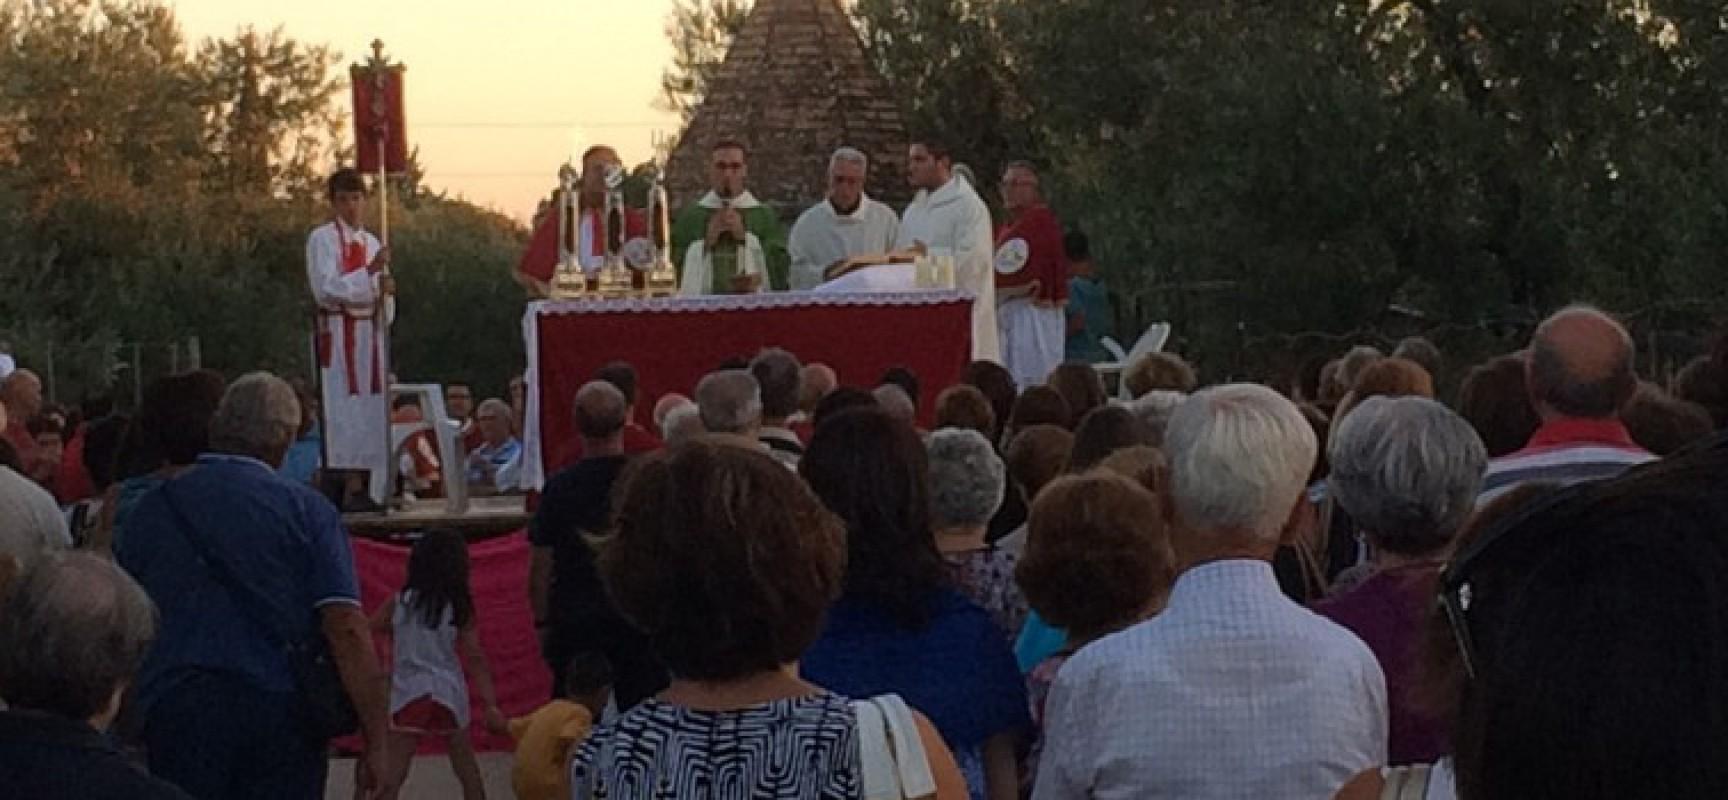 """Si rinnova il rito della processione alla """"Pedata dei Santi"""" in via Sagina / FOTO"""